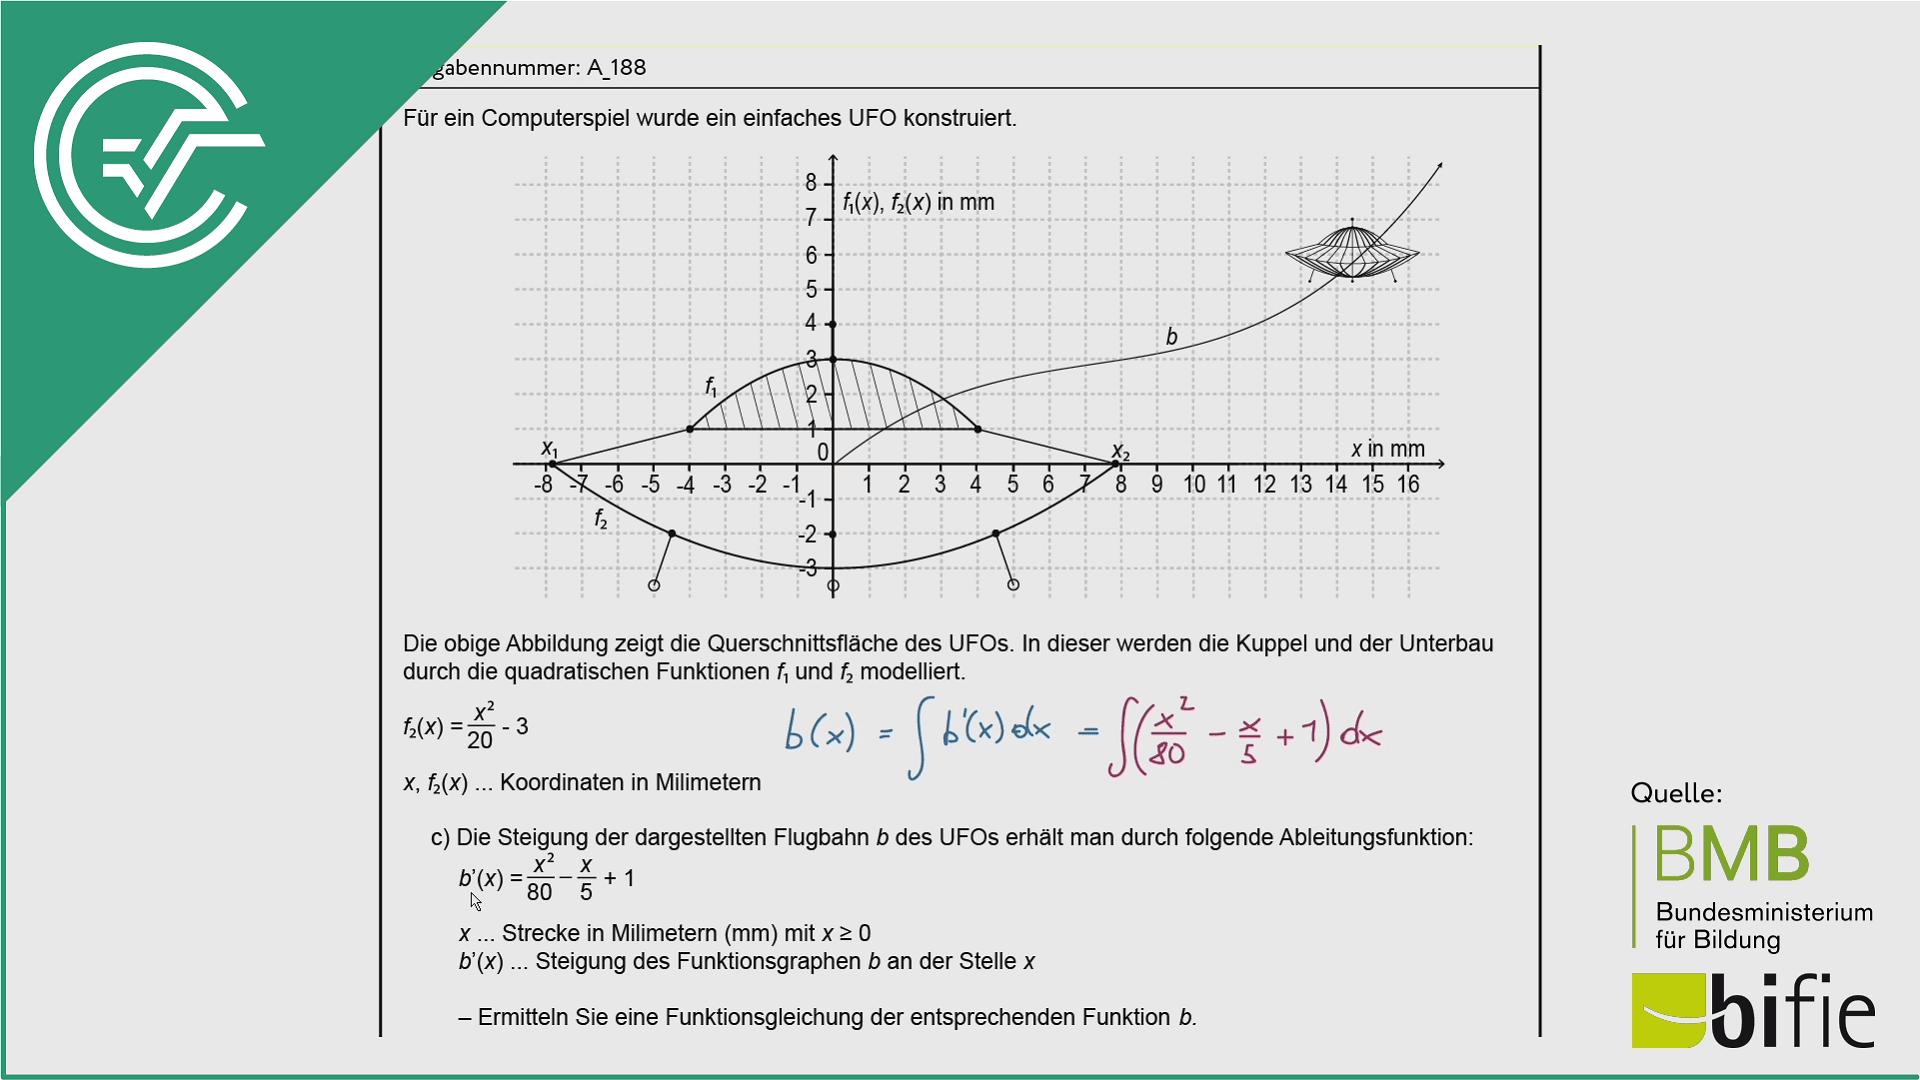 A_188 UFO c [Stammfunktion + Wendepunkt]